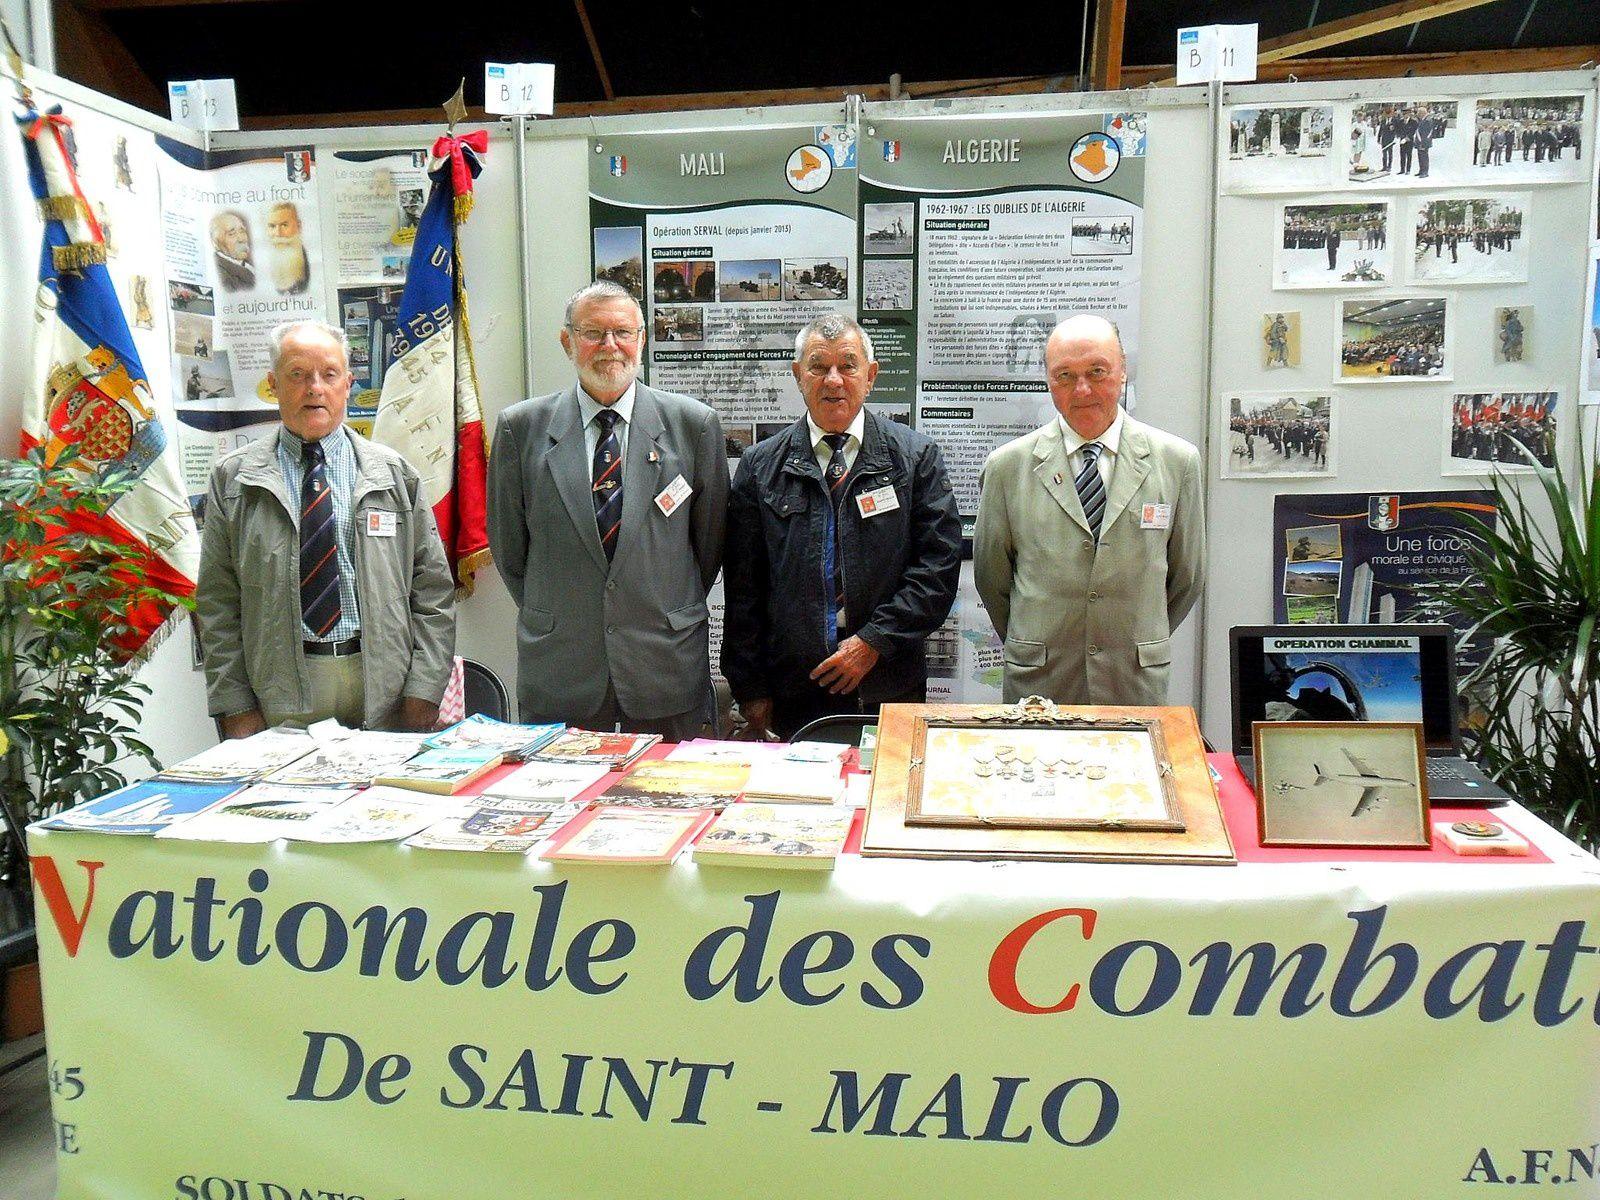 L'U.N.C. de Saint-Malo était présente ce 10 septembre 2017 au Forum des Associations (LAECUM).